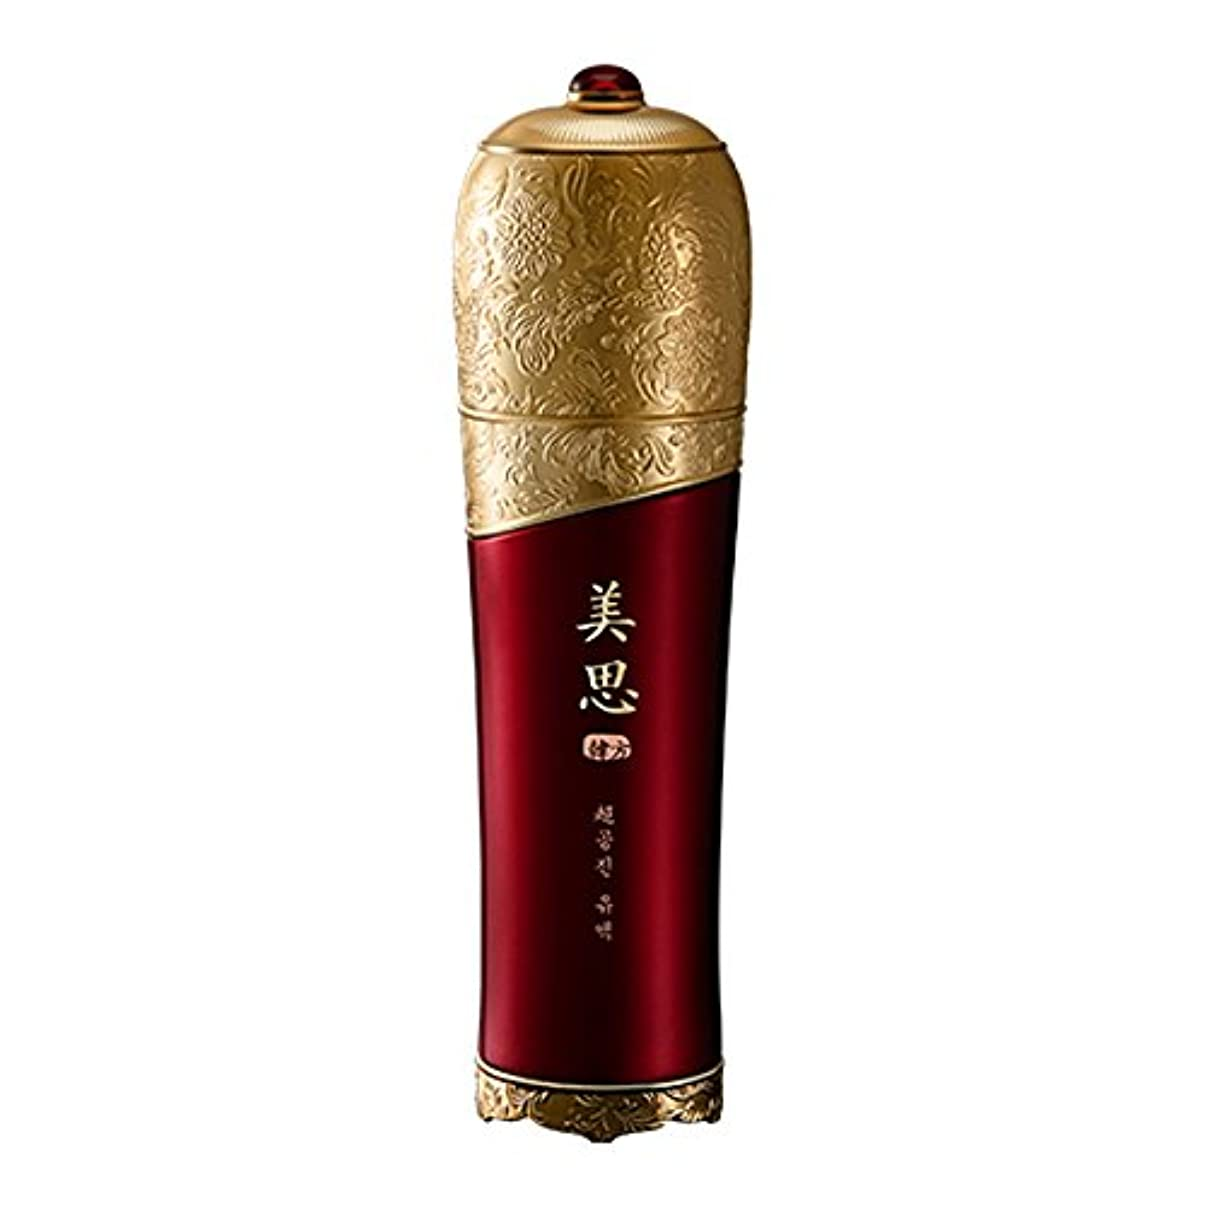 精査すき返還MISSHA(ミシャ)美思 韓方 旧チョボヤン (超)チョゴンジン 乳液 基礎化粧品 スキンケア